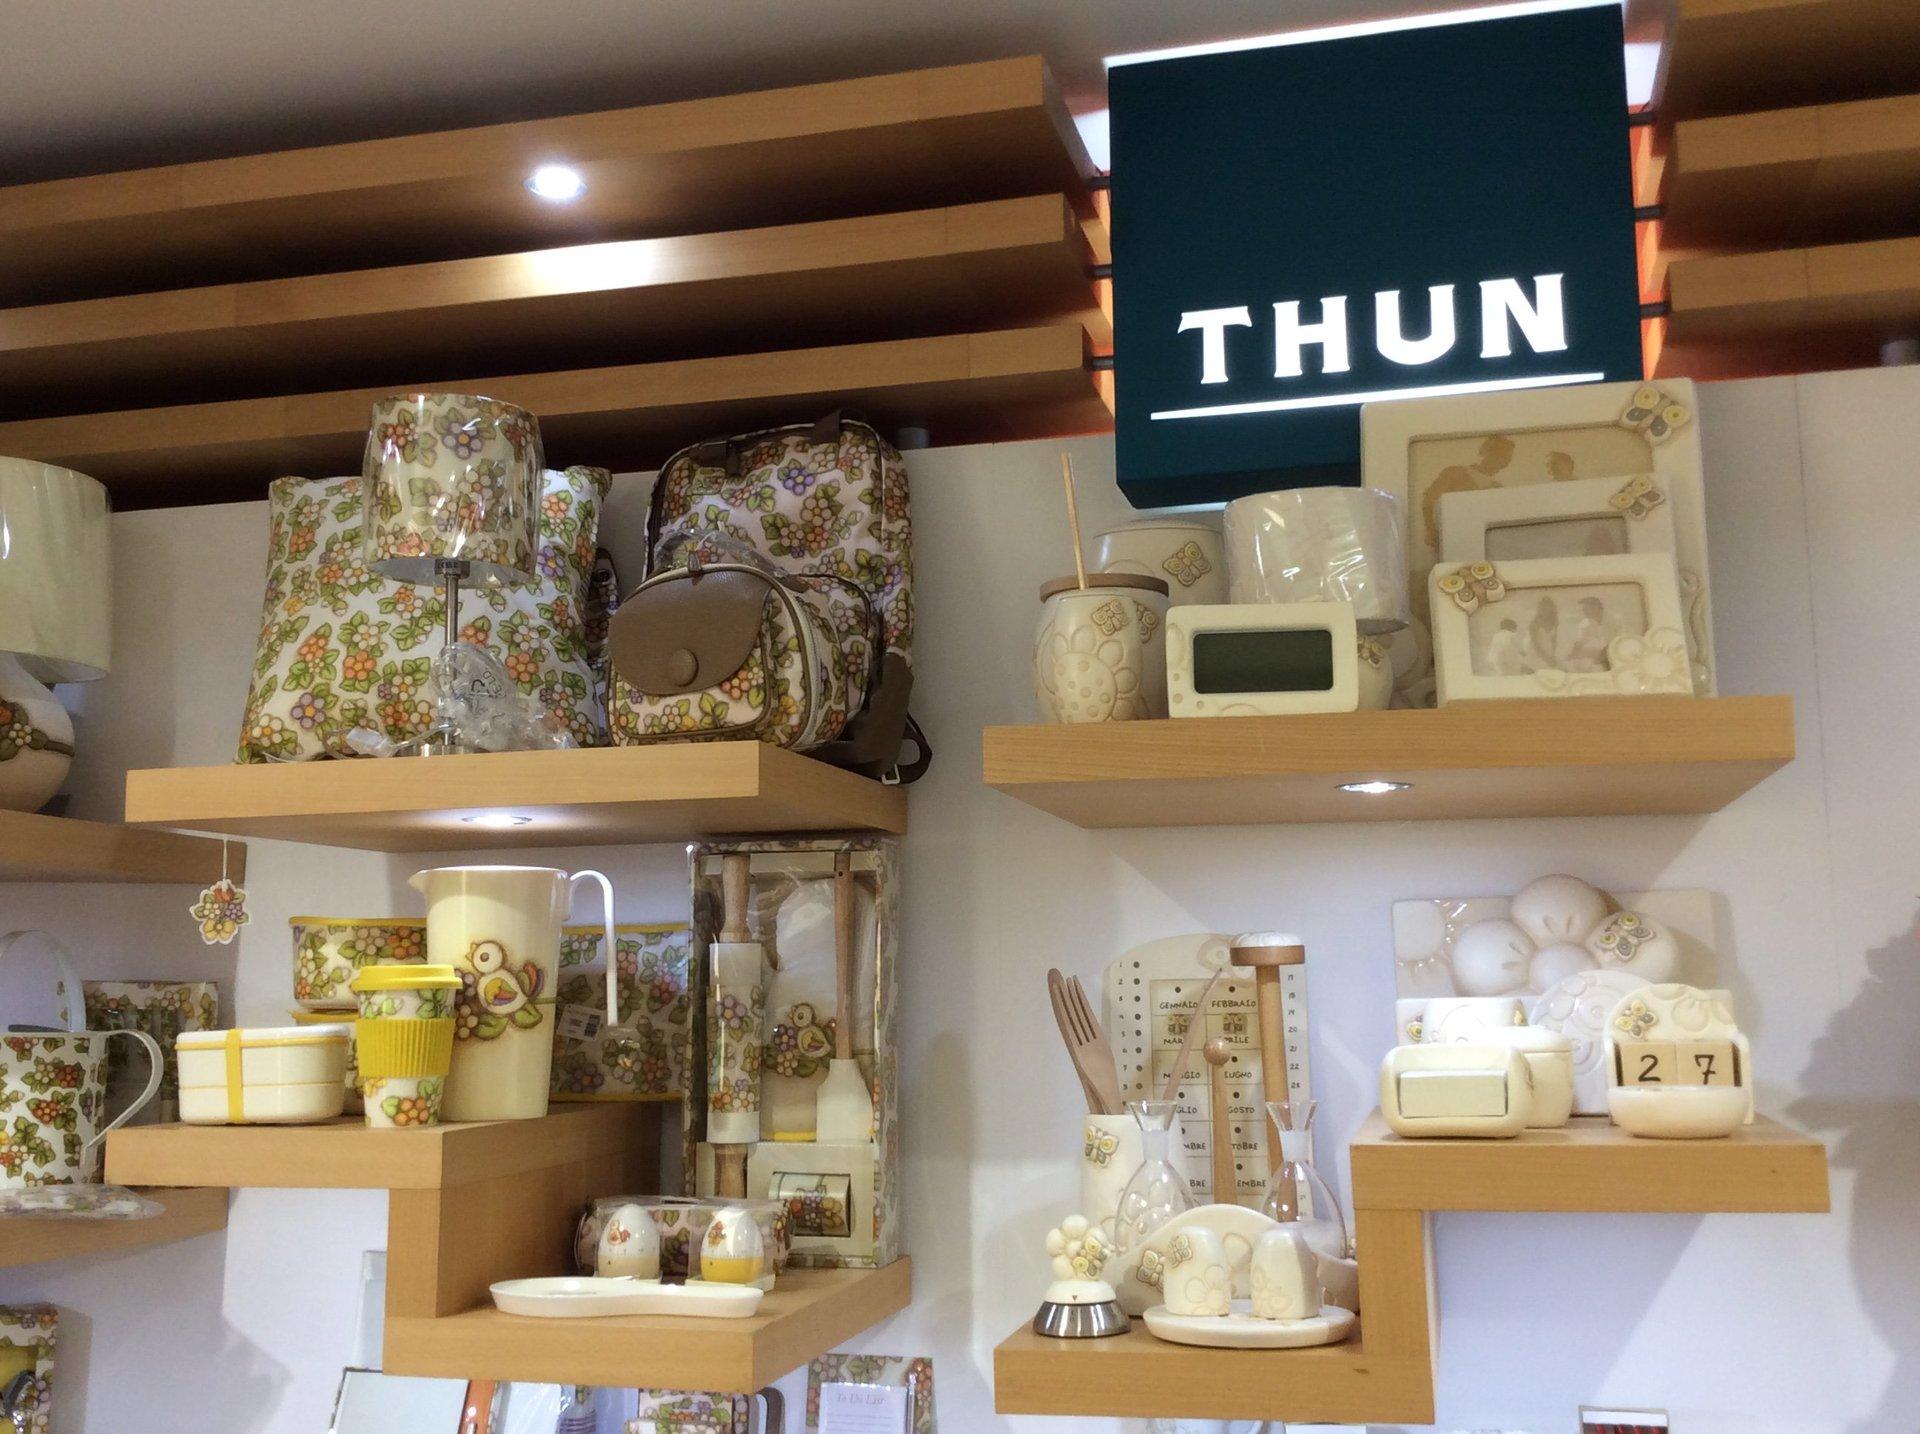 esposizione di articoli Thun